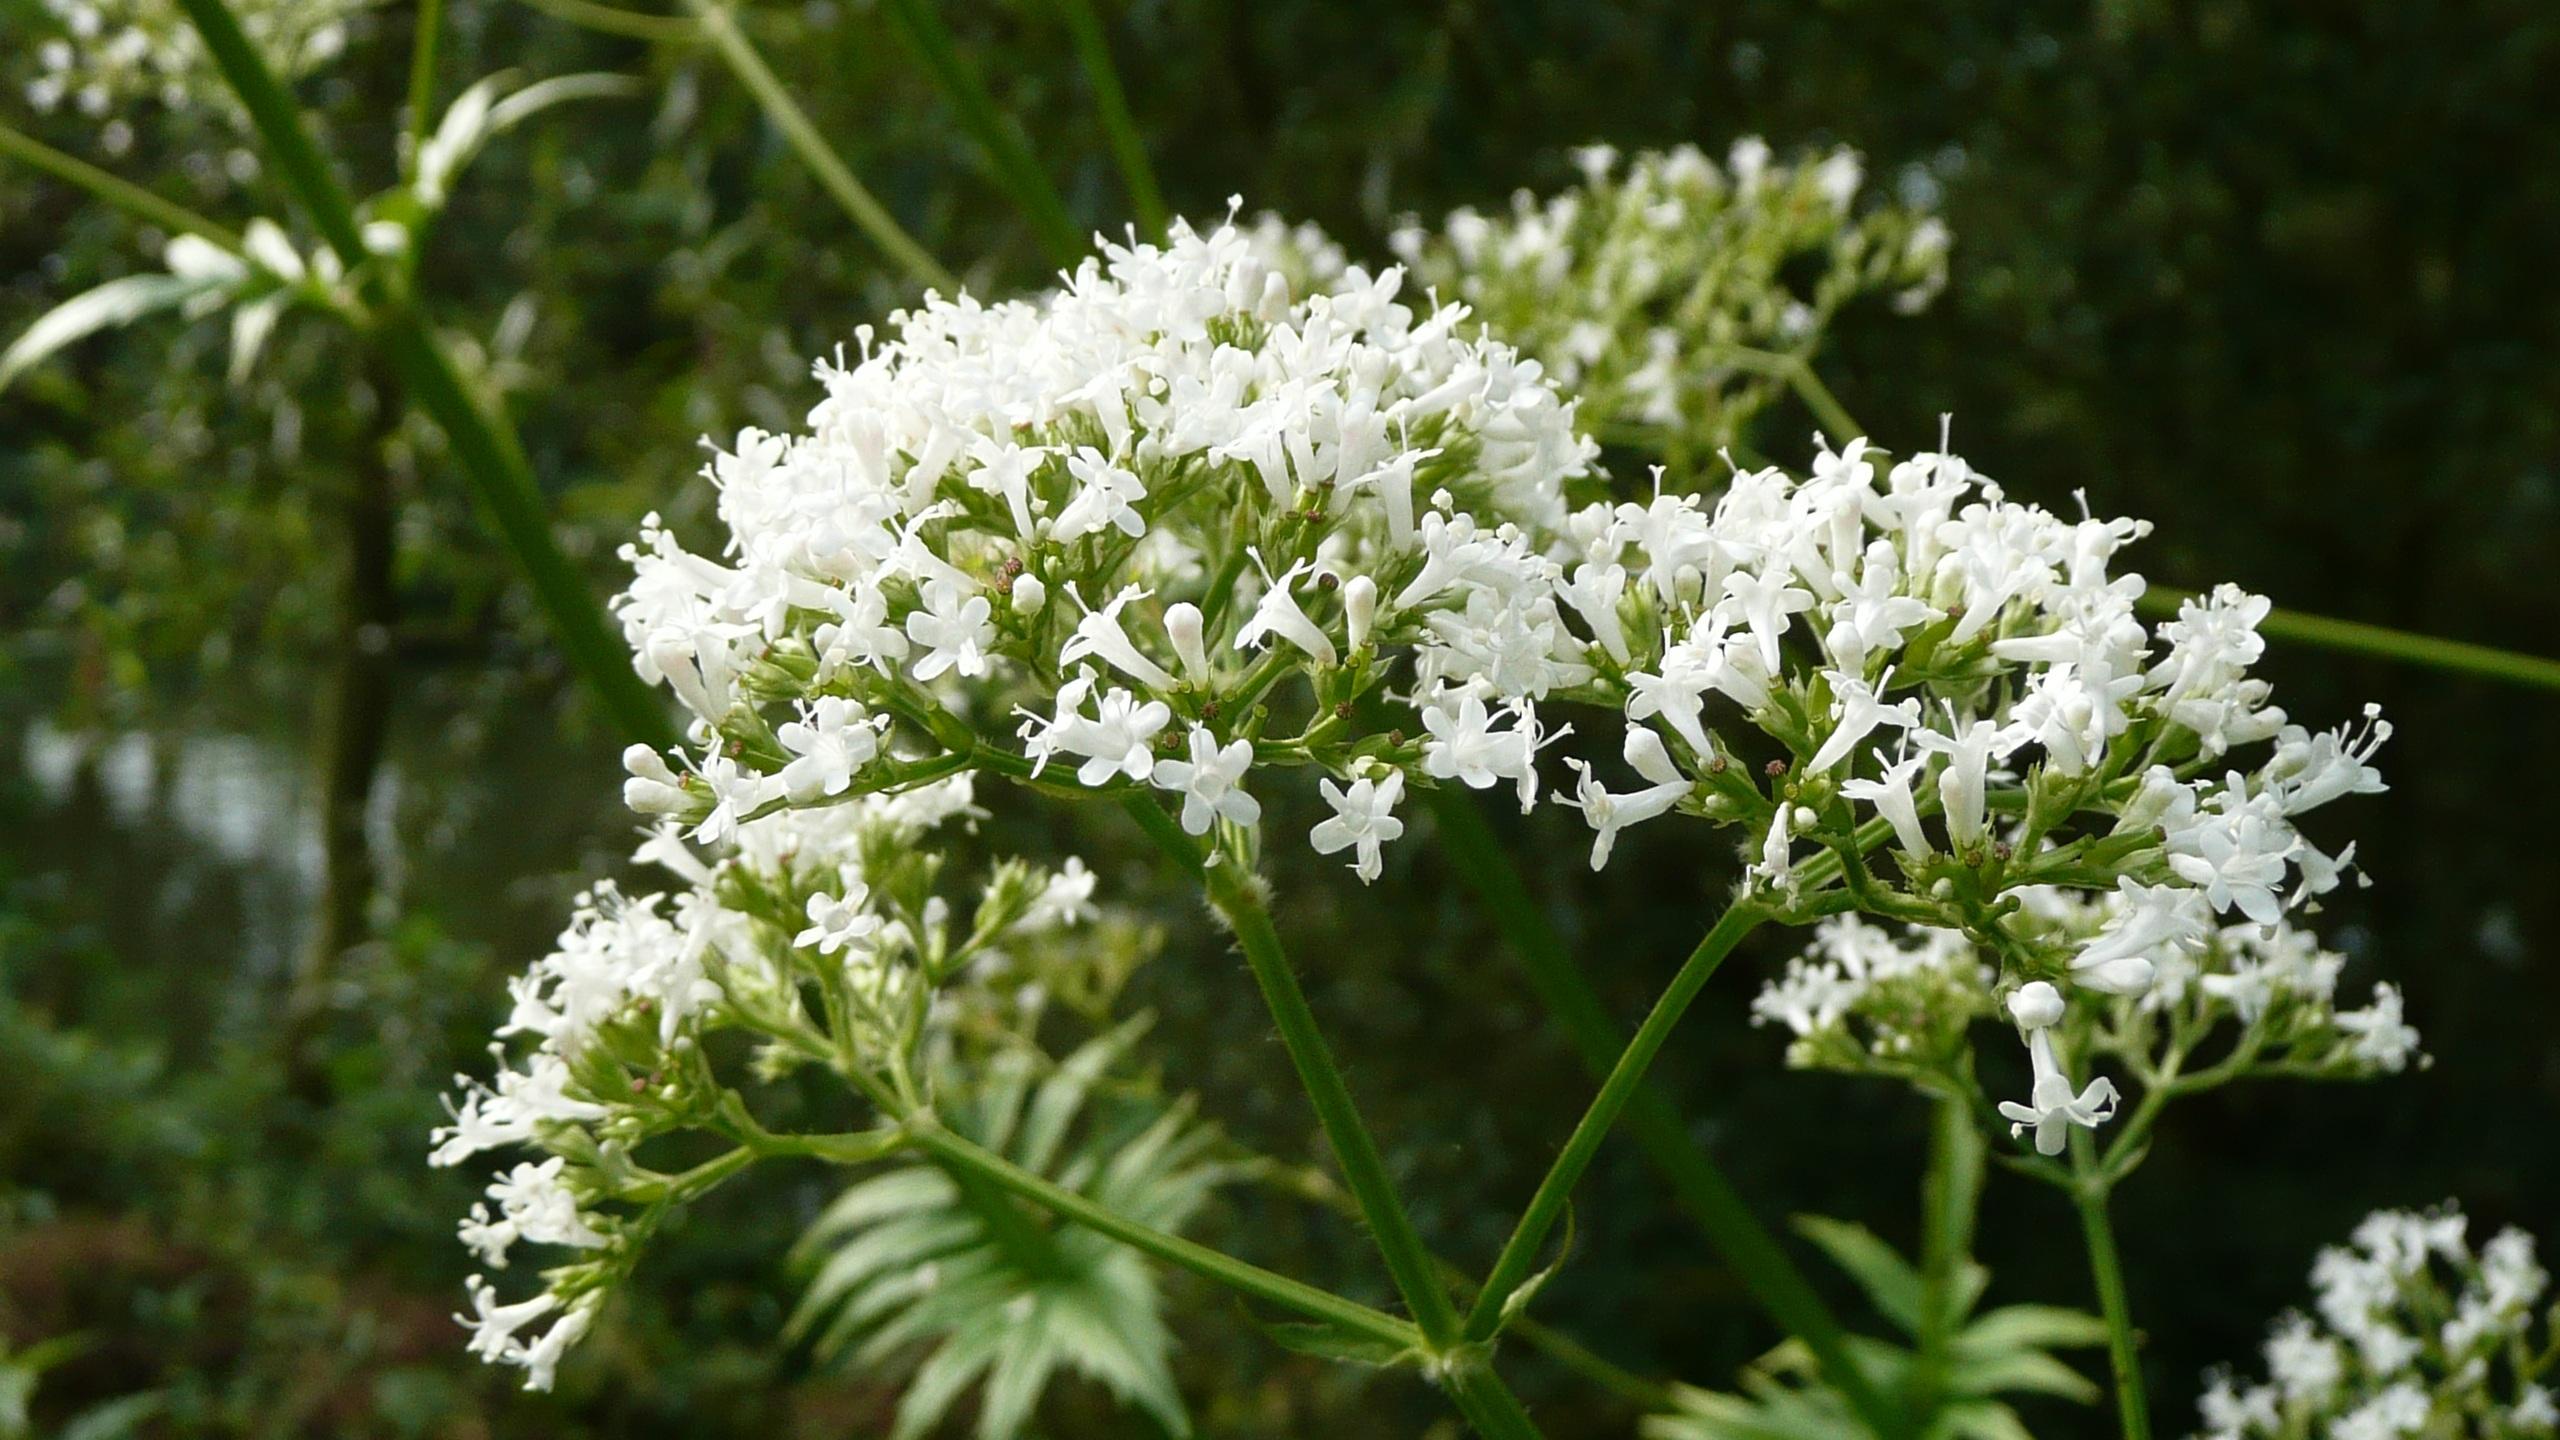 Gratuites fleur herbe Macro botanique flore Fleur